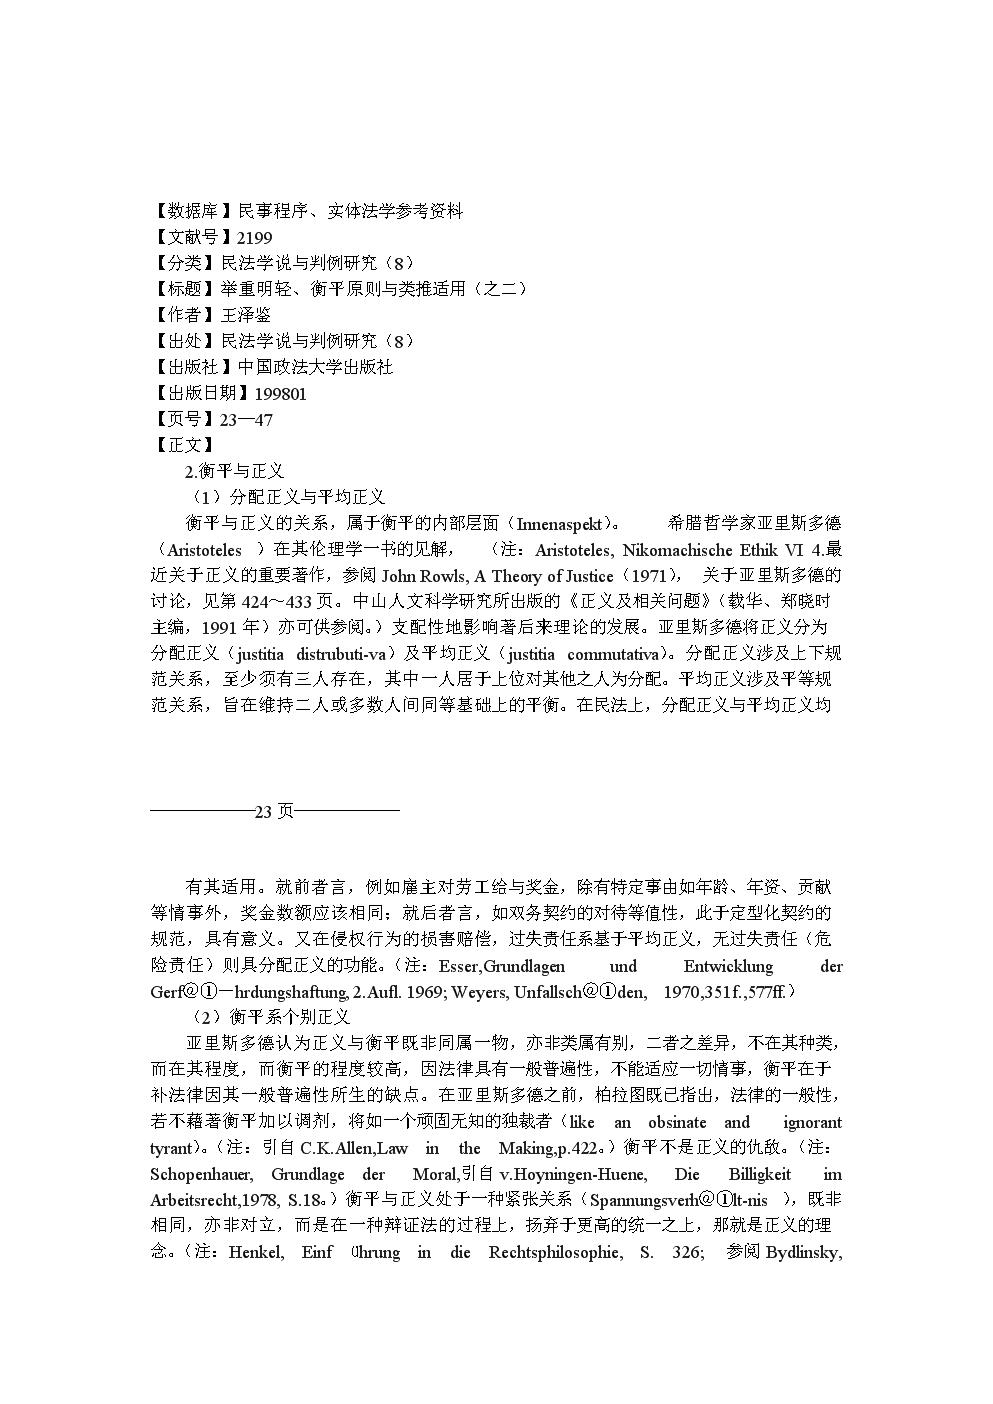 民法学说与判例研究 23-47.doc